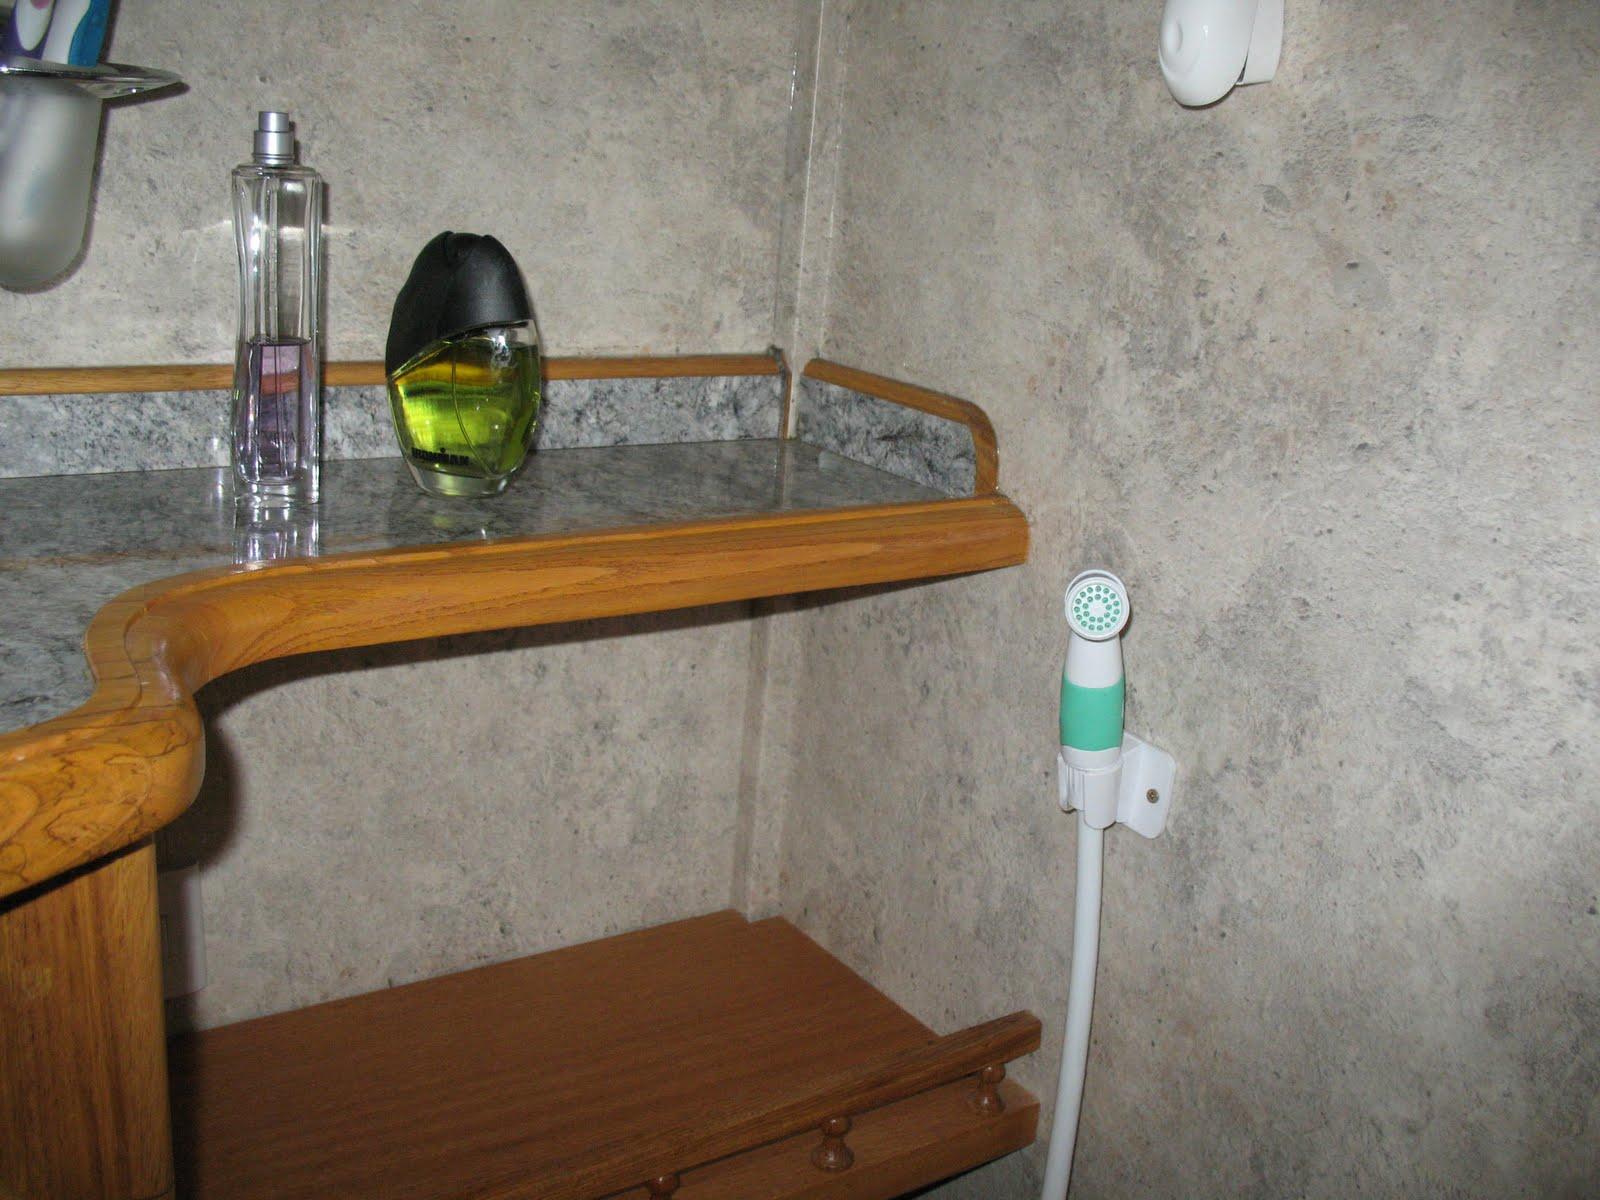 Estantes De Acero Para Baño:Amplio estante para articulos del baño, y ducha higienica-